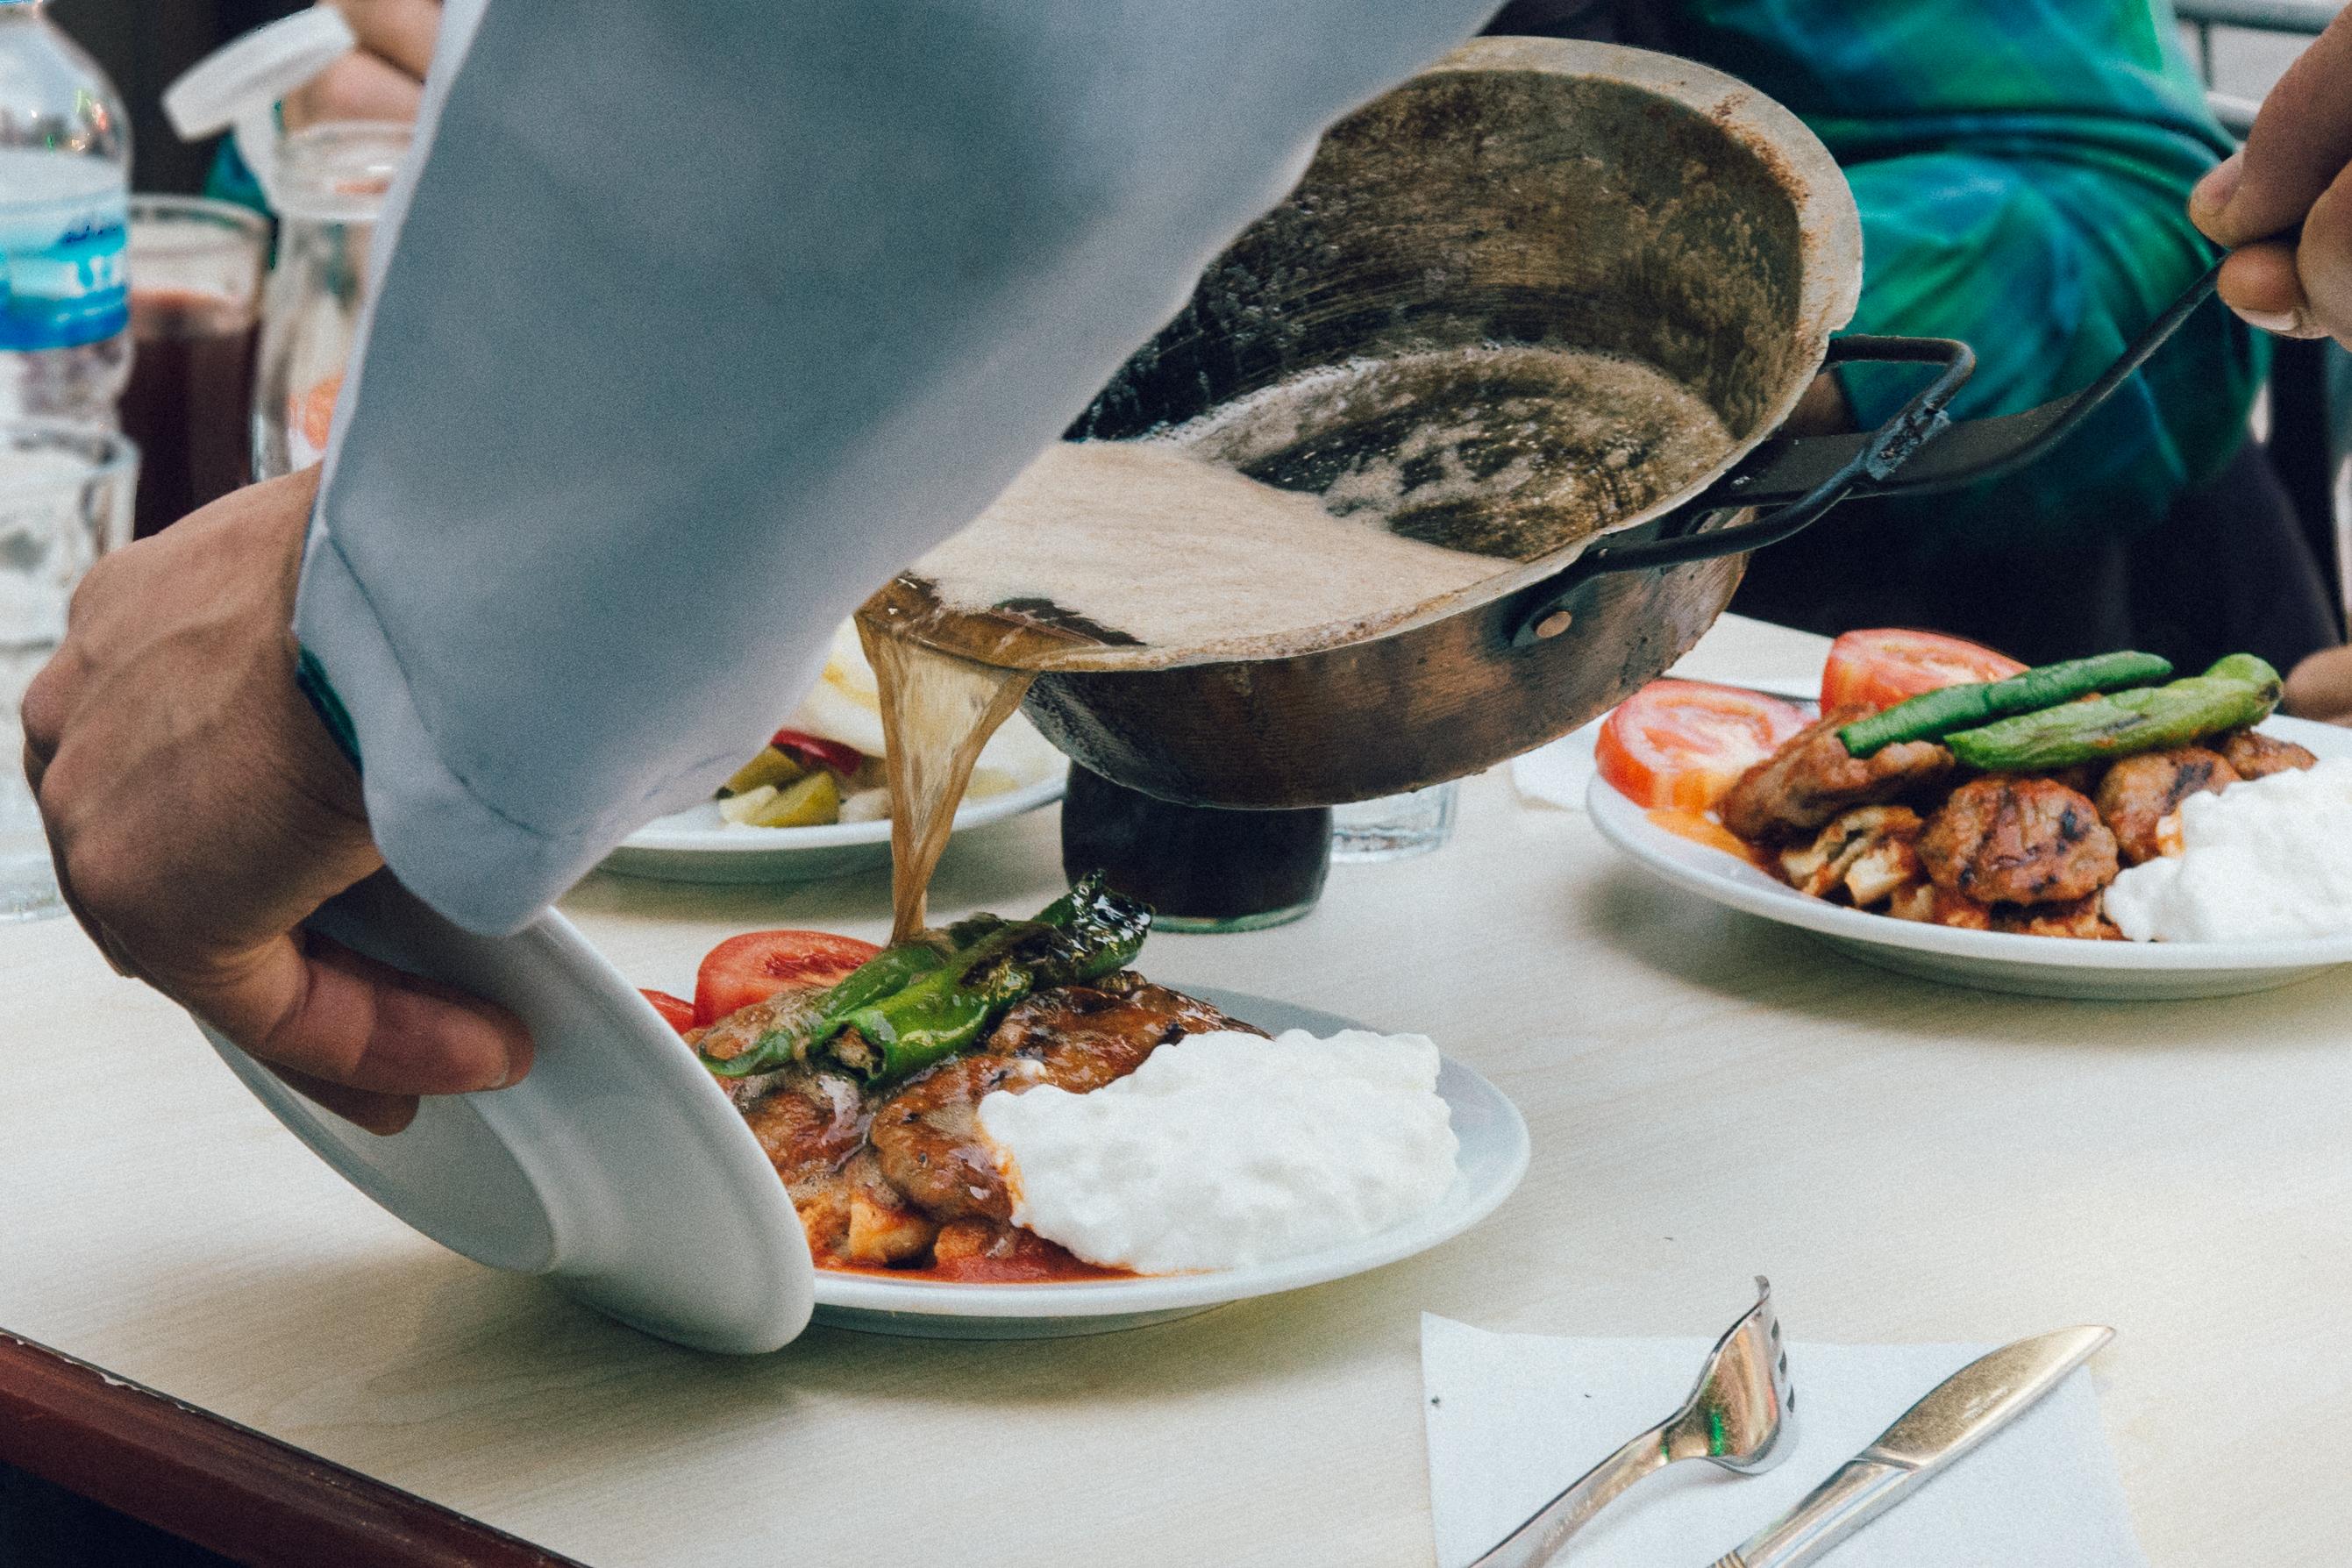 Hacı Bey Kebapçısı'nda Pideli Köfte'ye tereyağ servis edilirken.